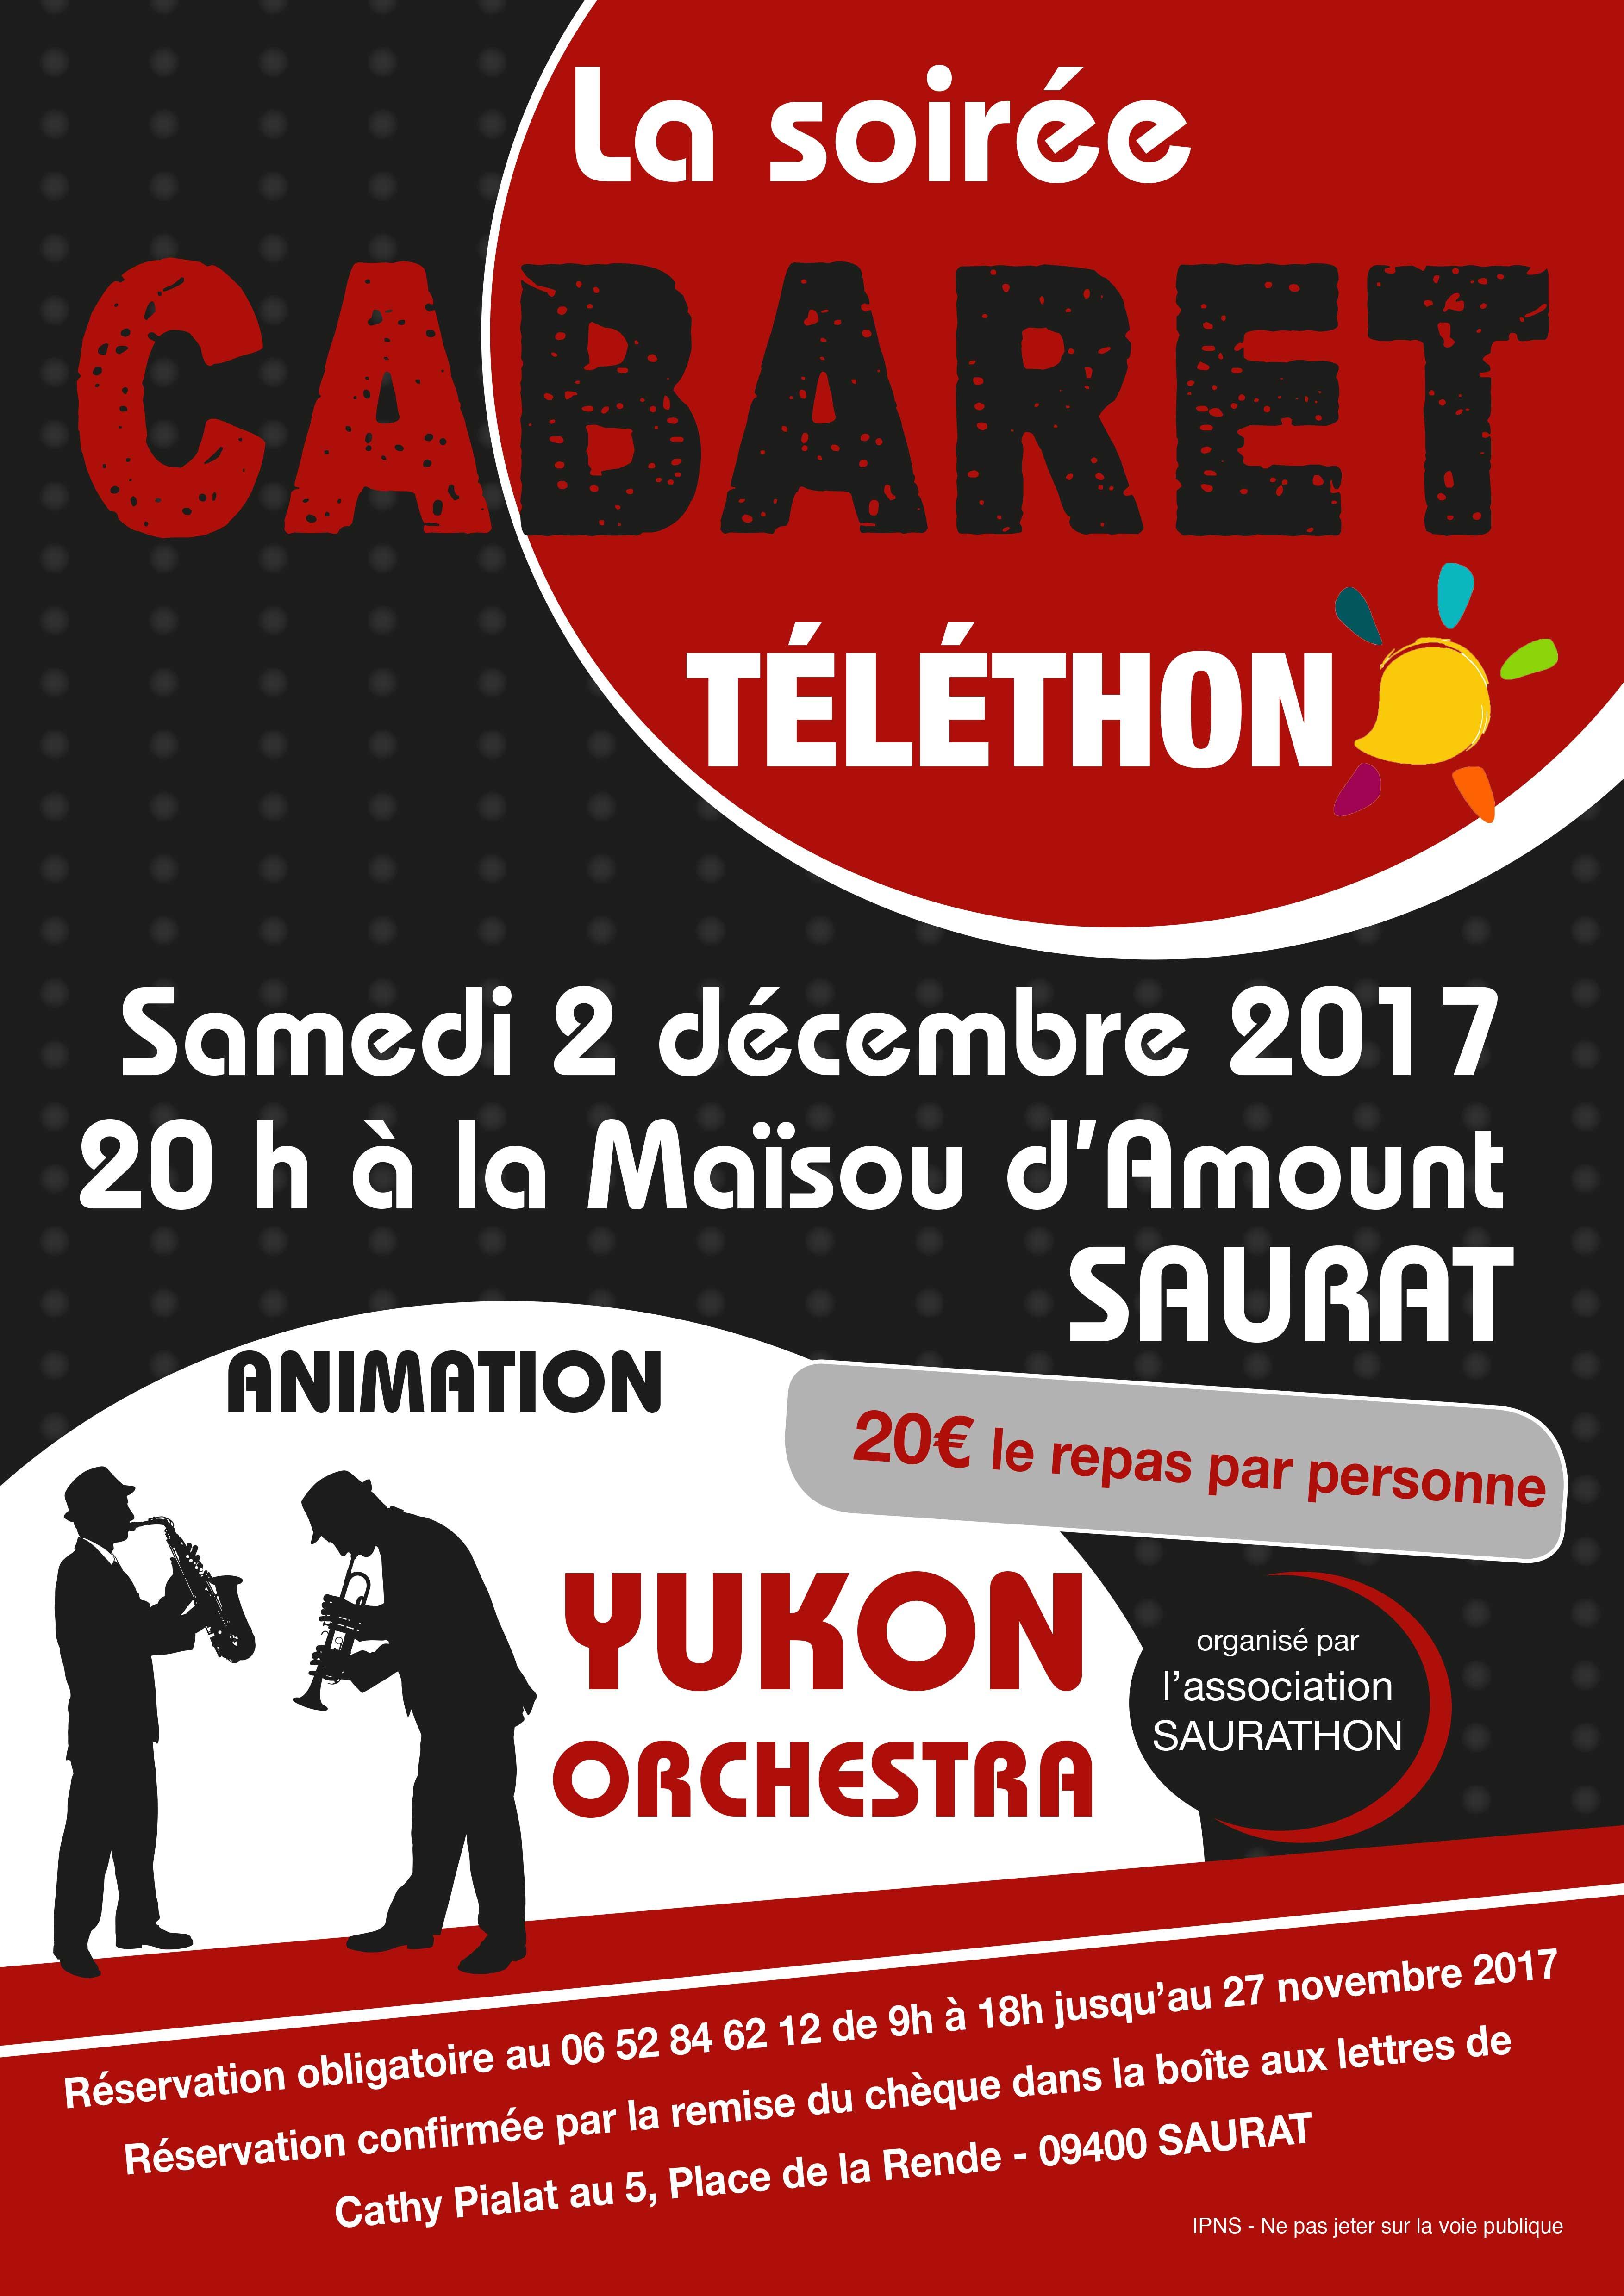 Soirée Cabaret au profit du téléthon - Saurat le 2 décembre 2017